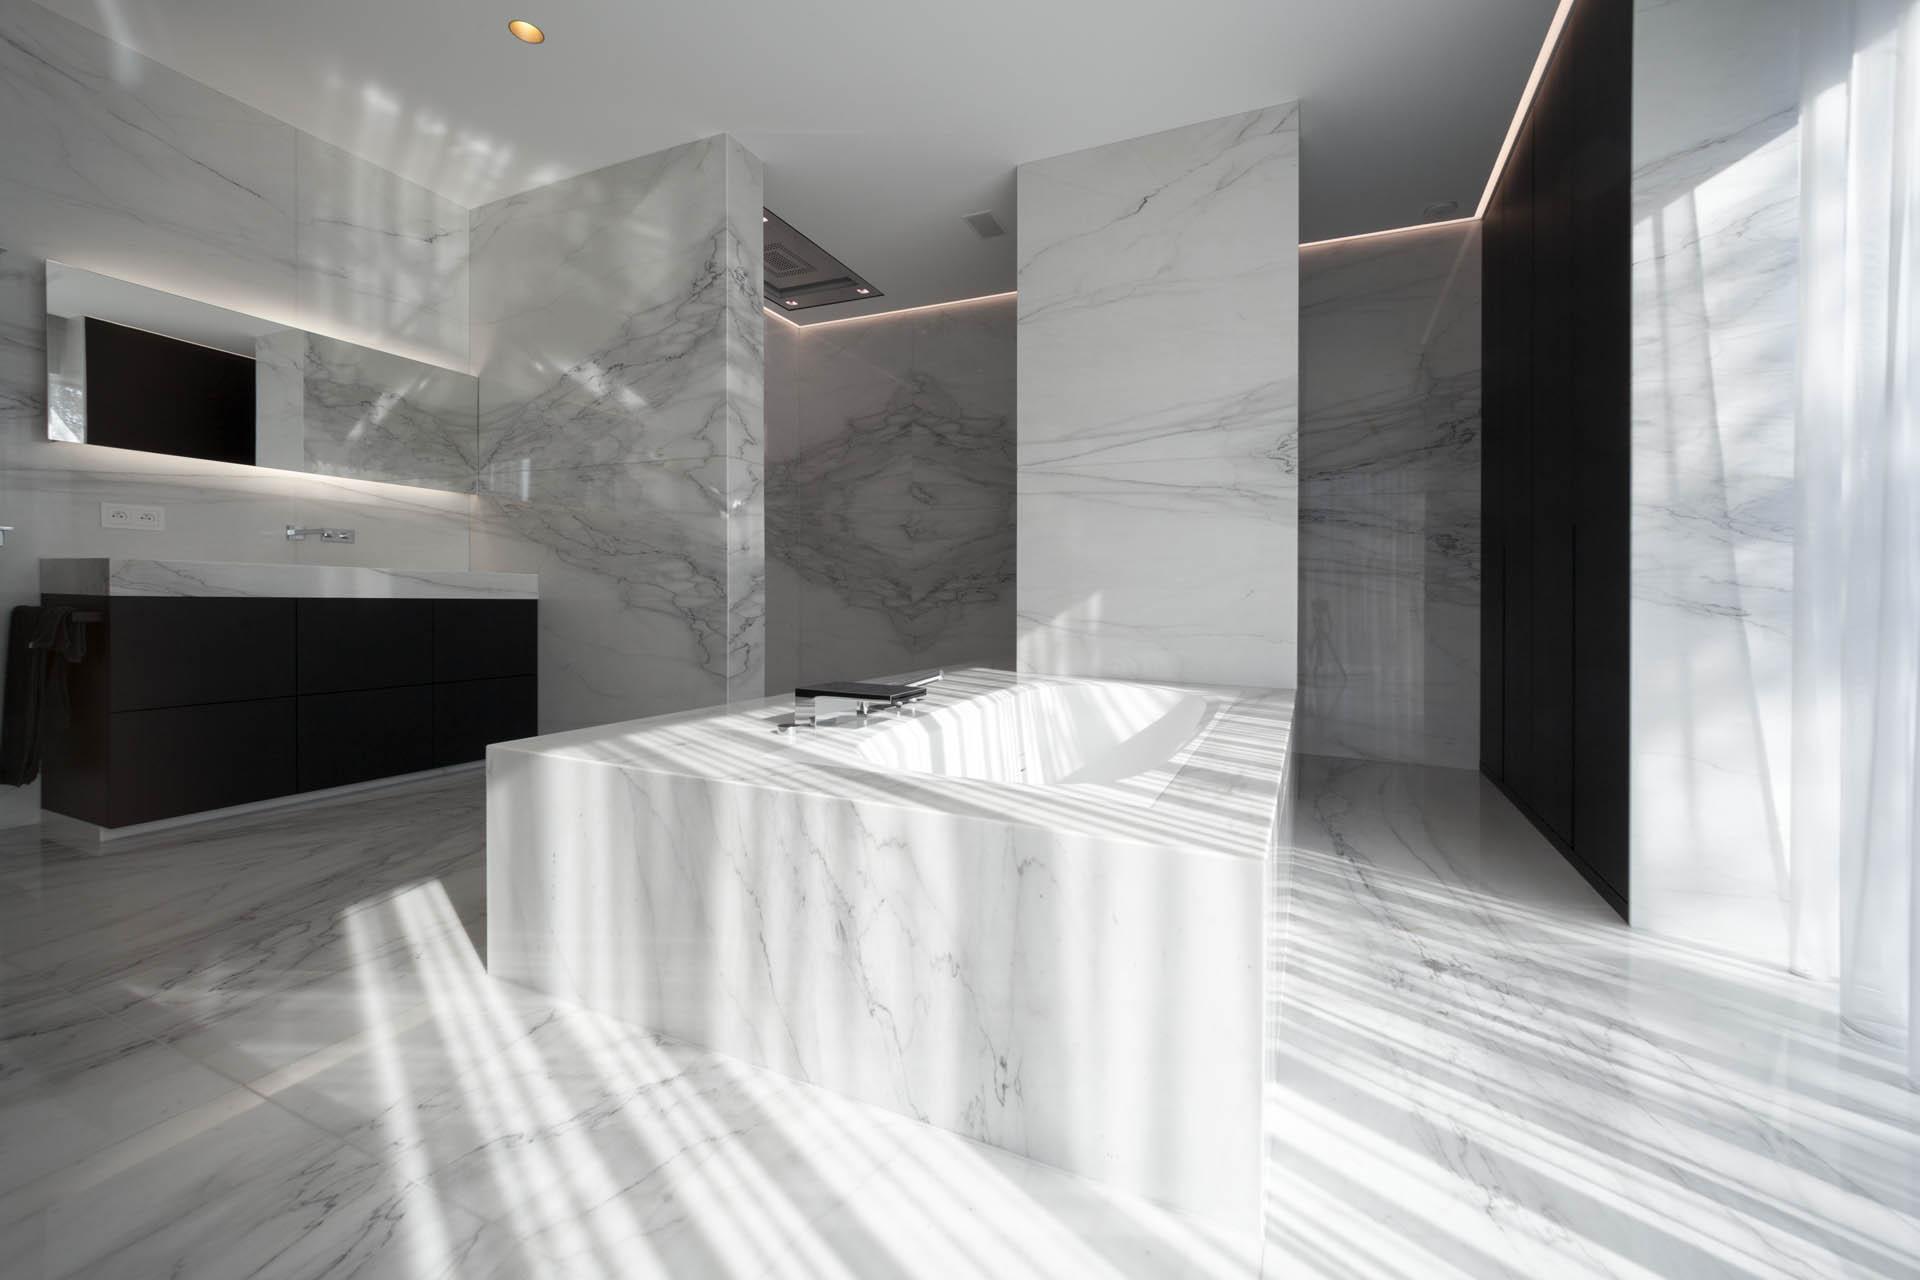 marmor_Radermacher_calacatta_badezimmer